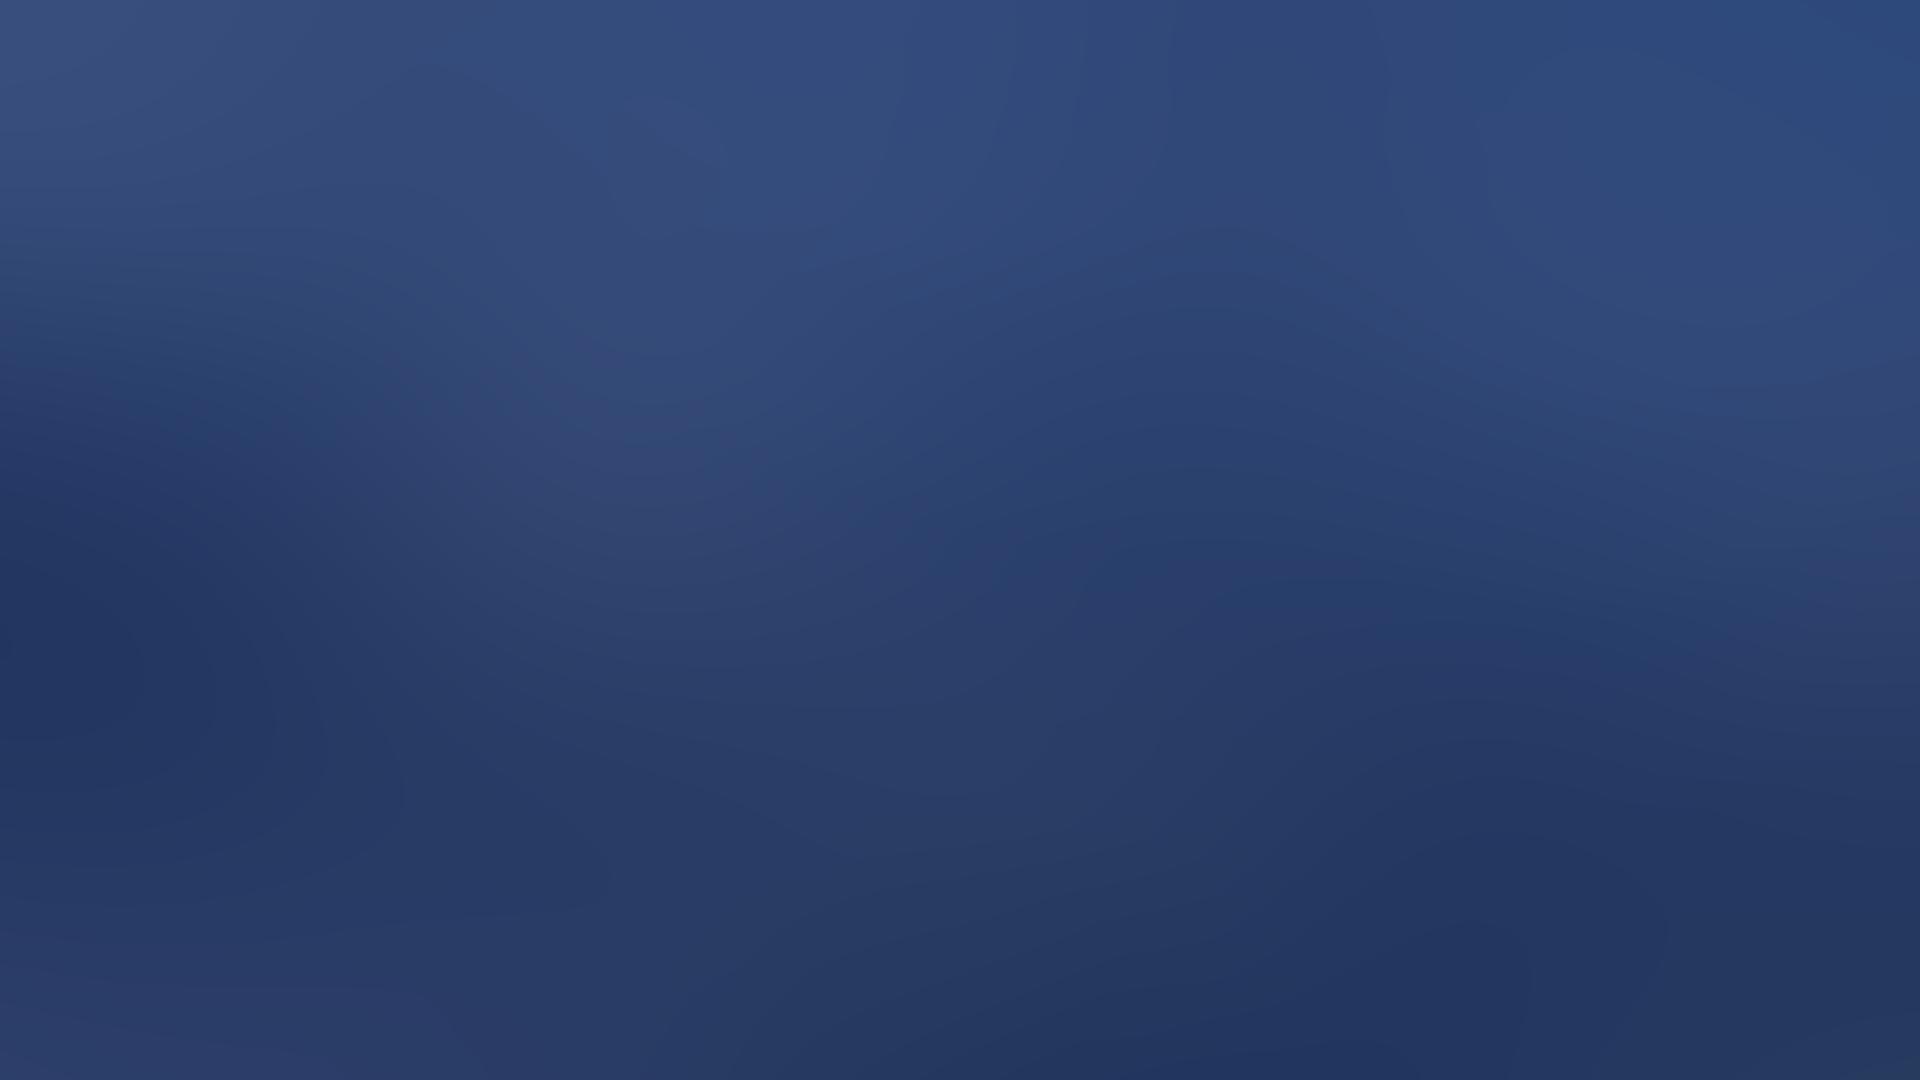 Hintergrund blau unscharf